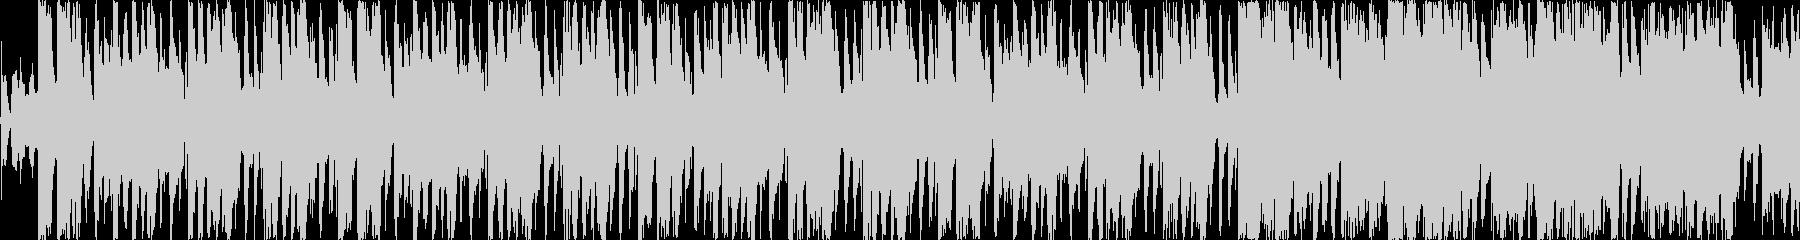 明るいロック、ブルース シンキングタイムの未再生の波形